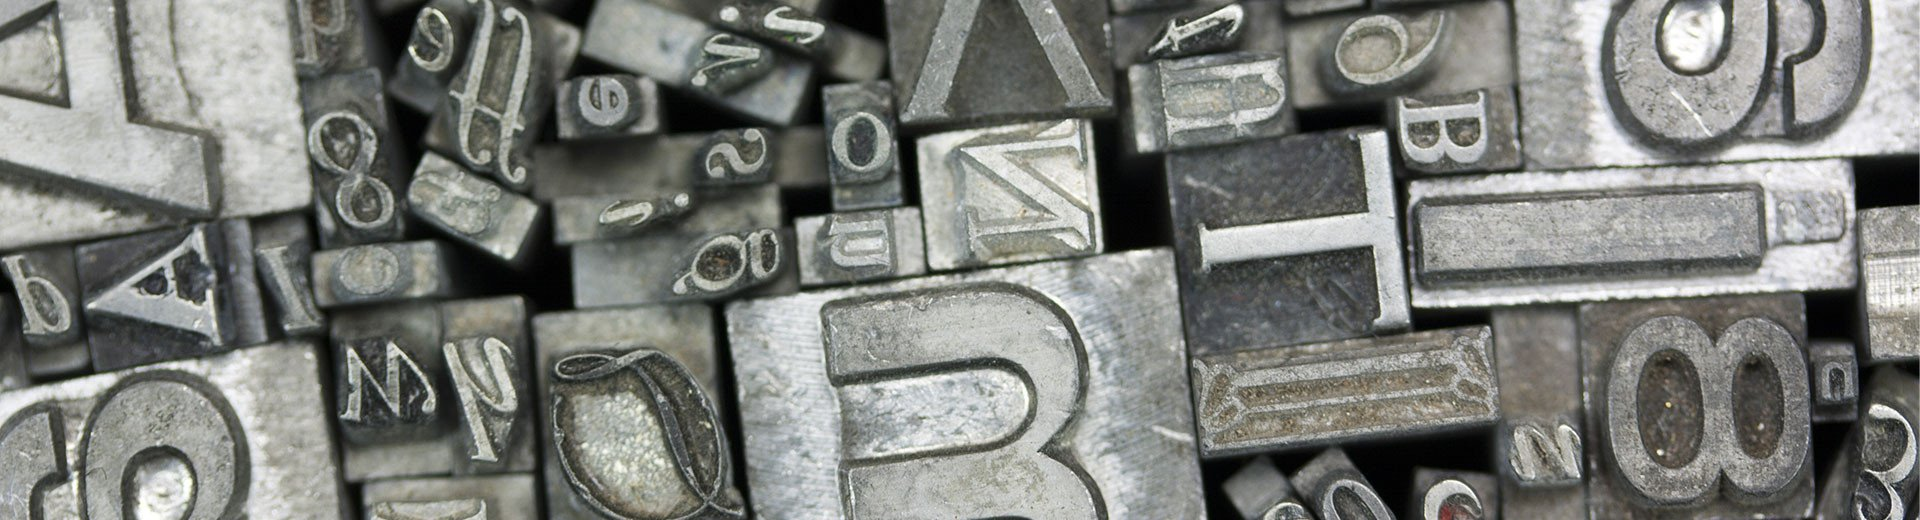 Okładka artykułu Darmowe fonty z polskimi znakami — Część #35